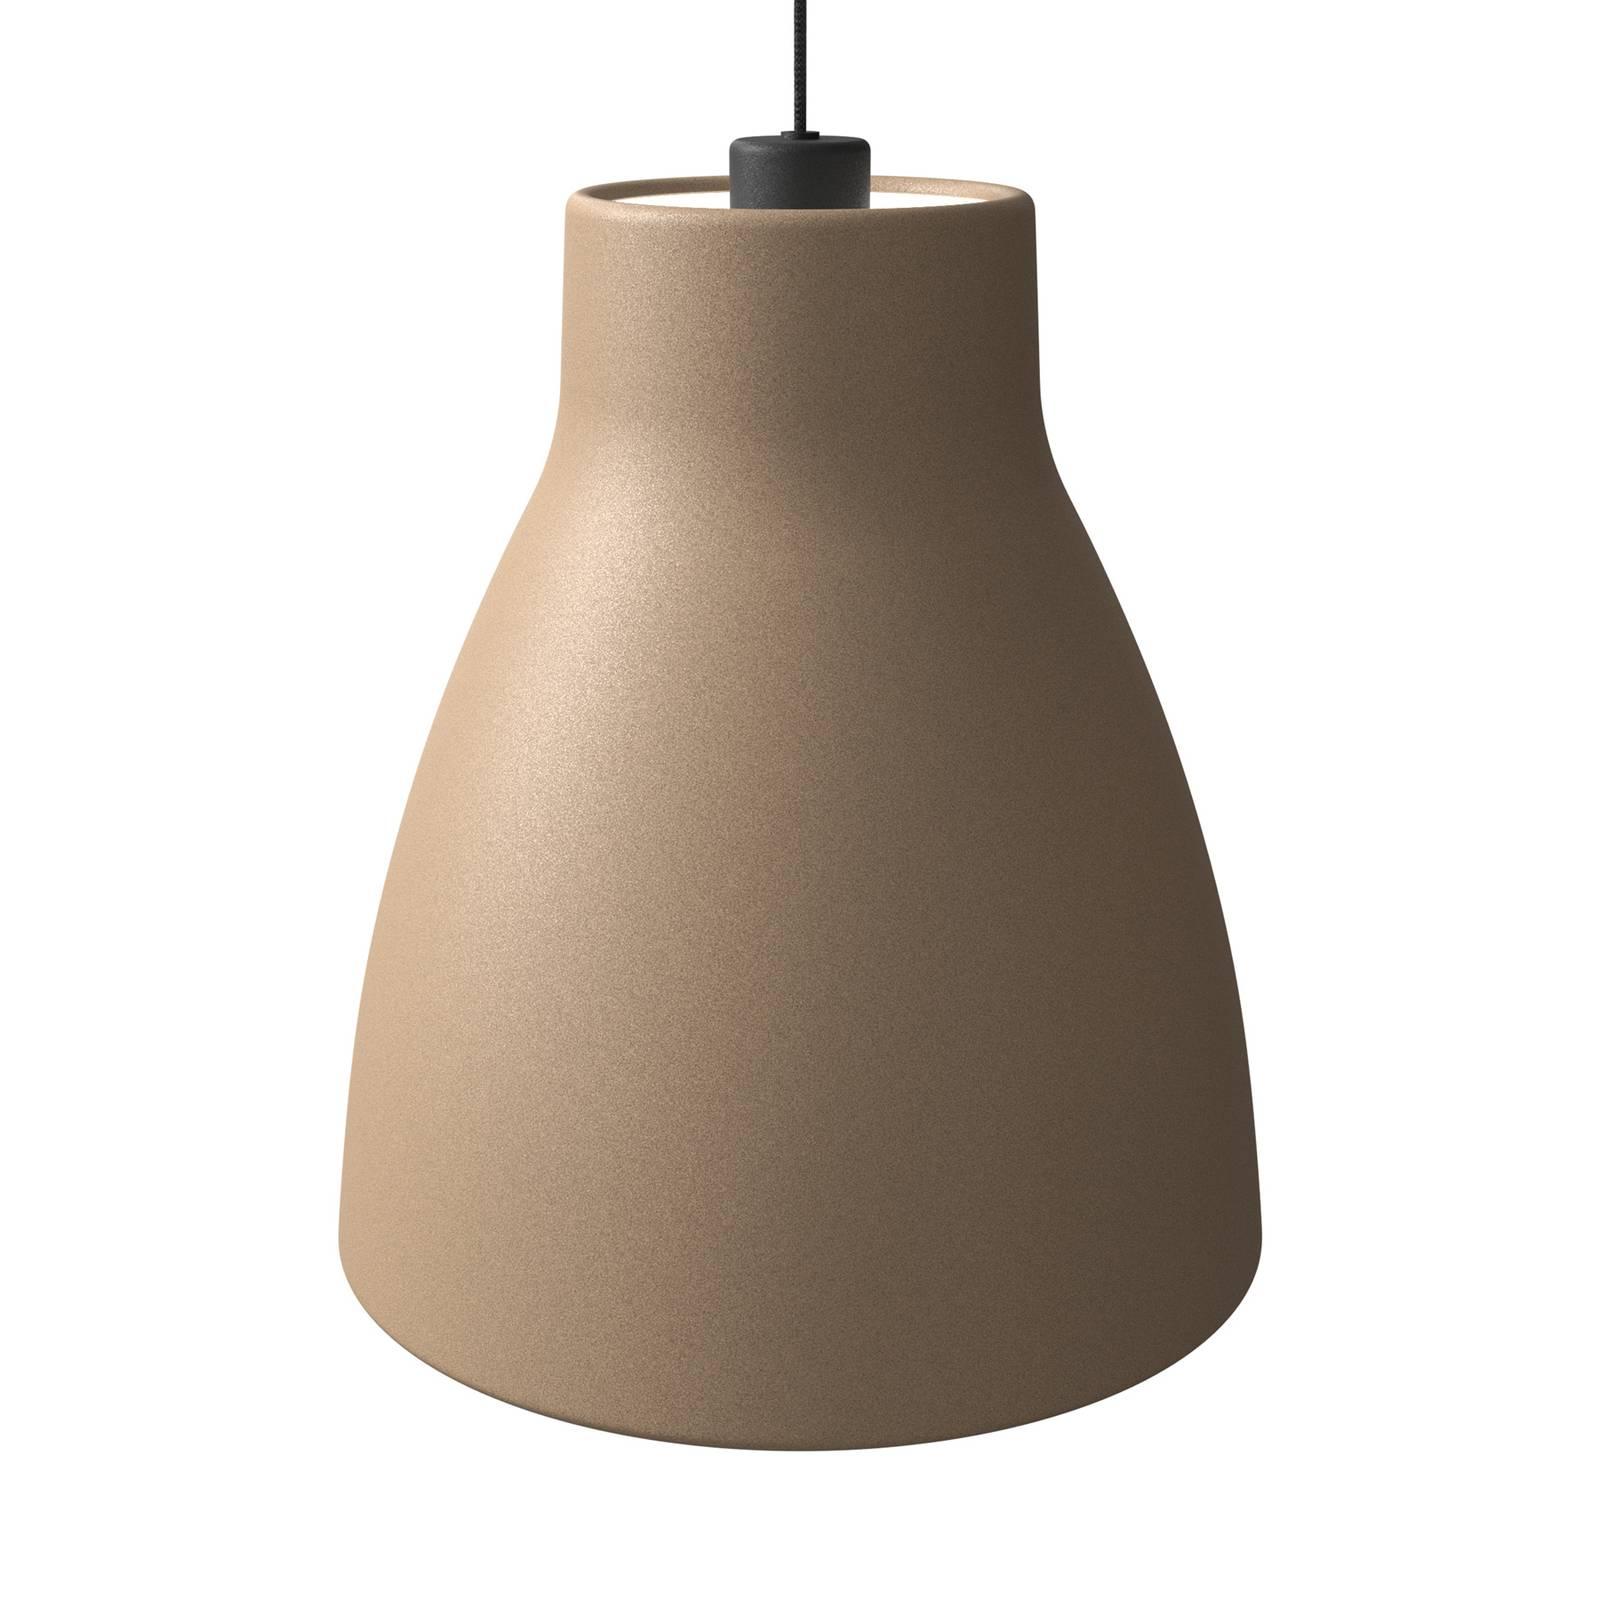 Pendelleuchte Gong, Ø 32 cm, sandfarben